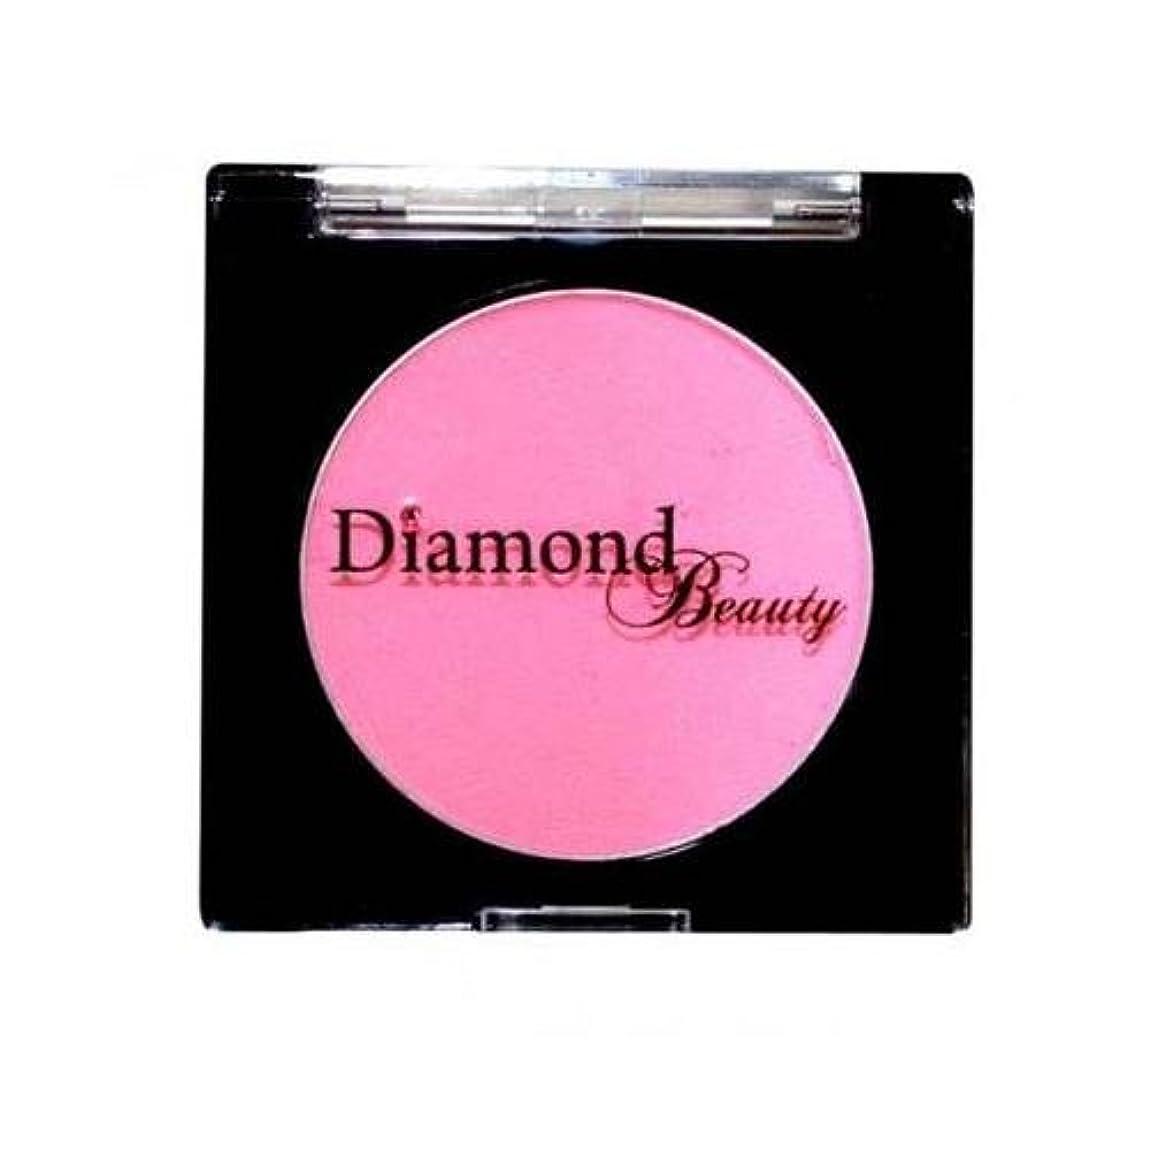 ベース見捨てられた信じるダイヤモンドビューティー ブラッシュ 01 ドーリーピンク